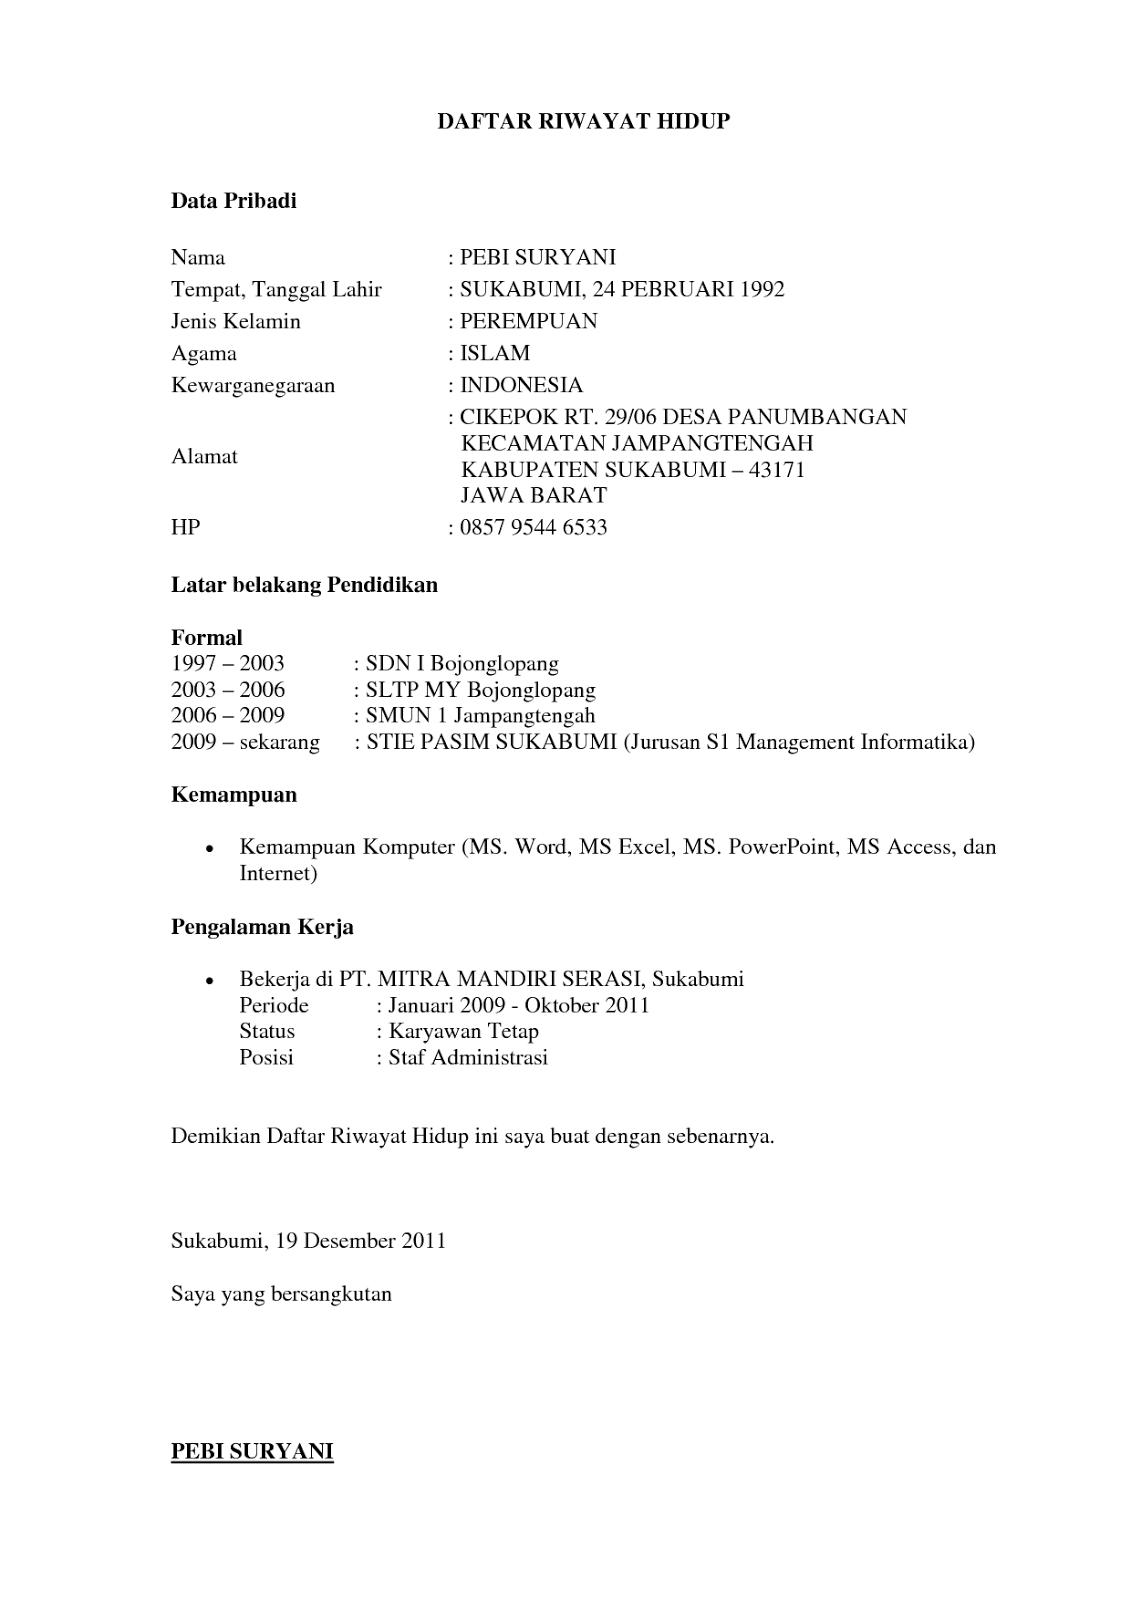 Contoh Daftar Riwayat Hidup Cpns 2013 - Contoh Waouw